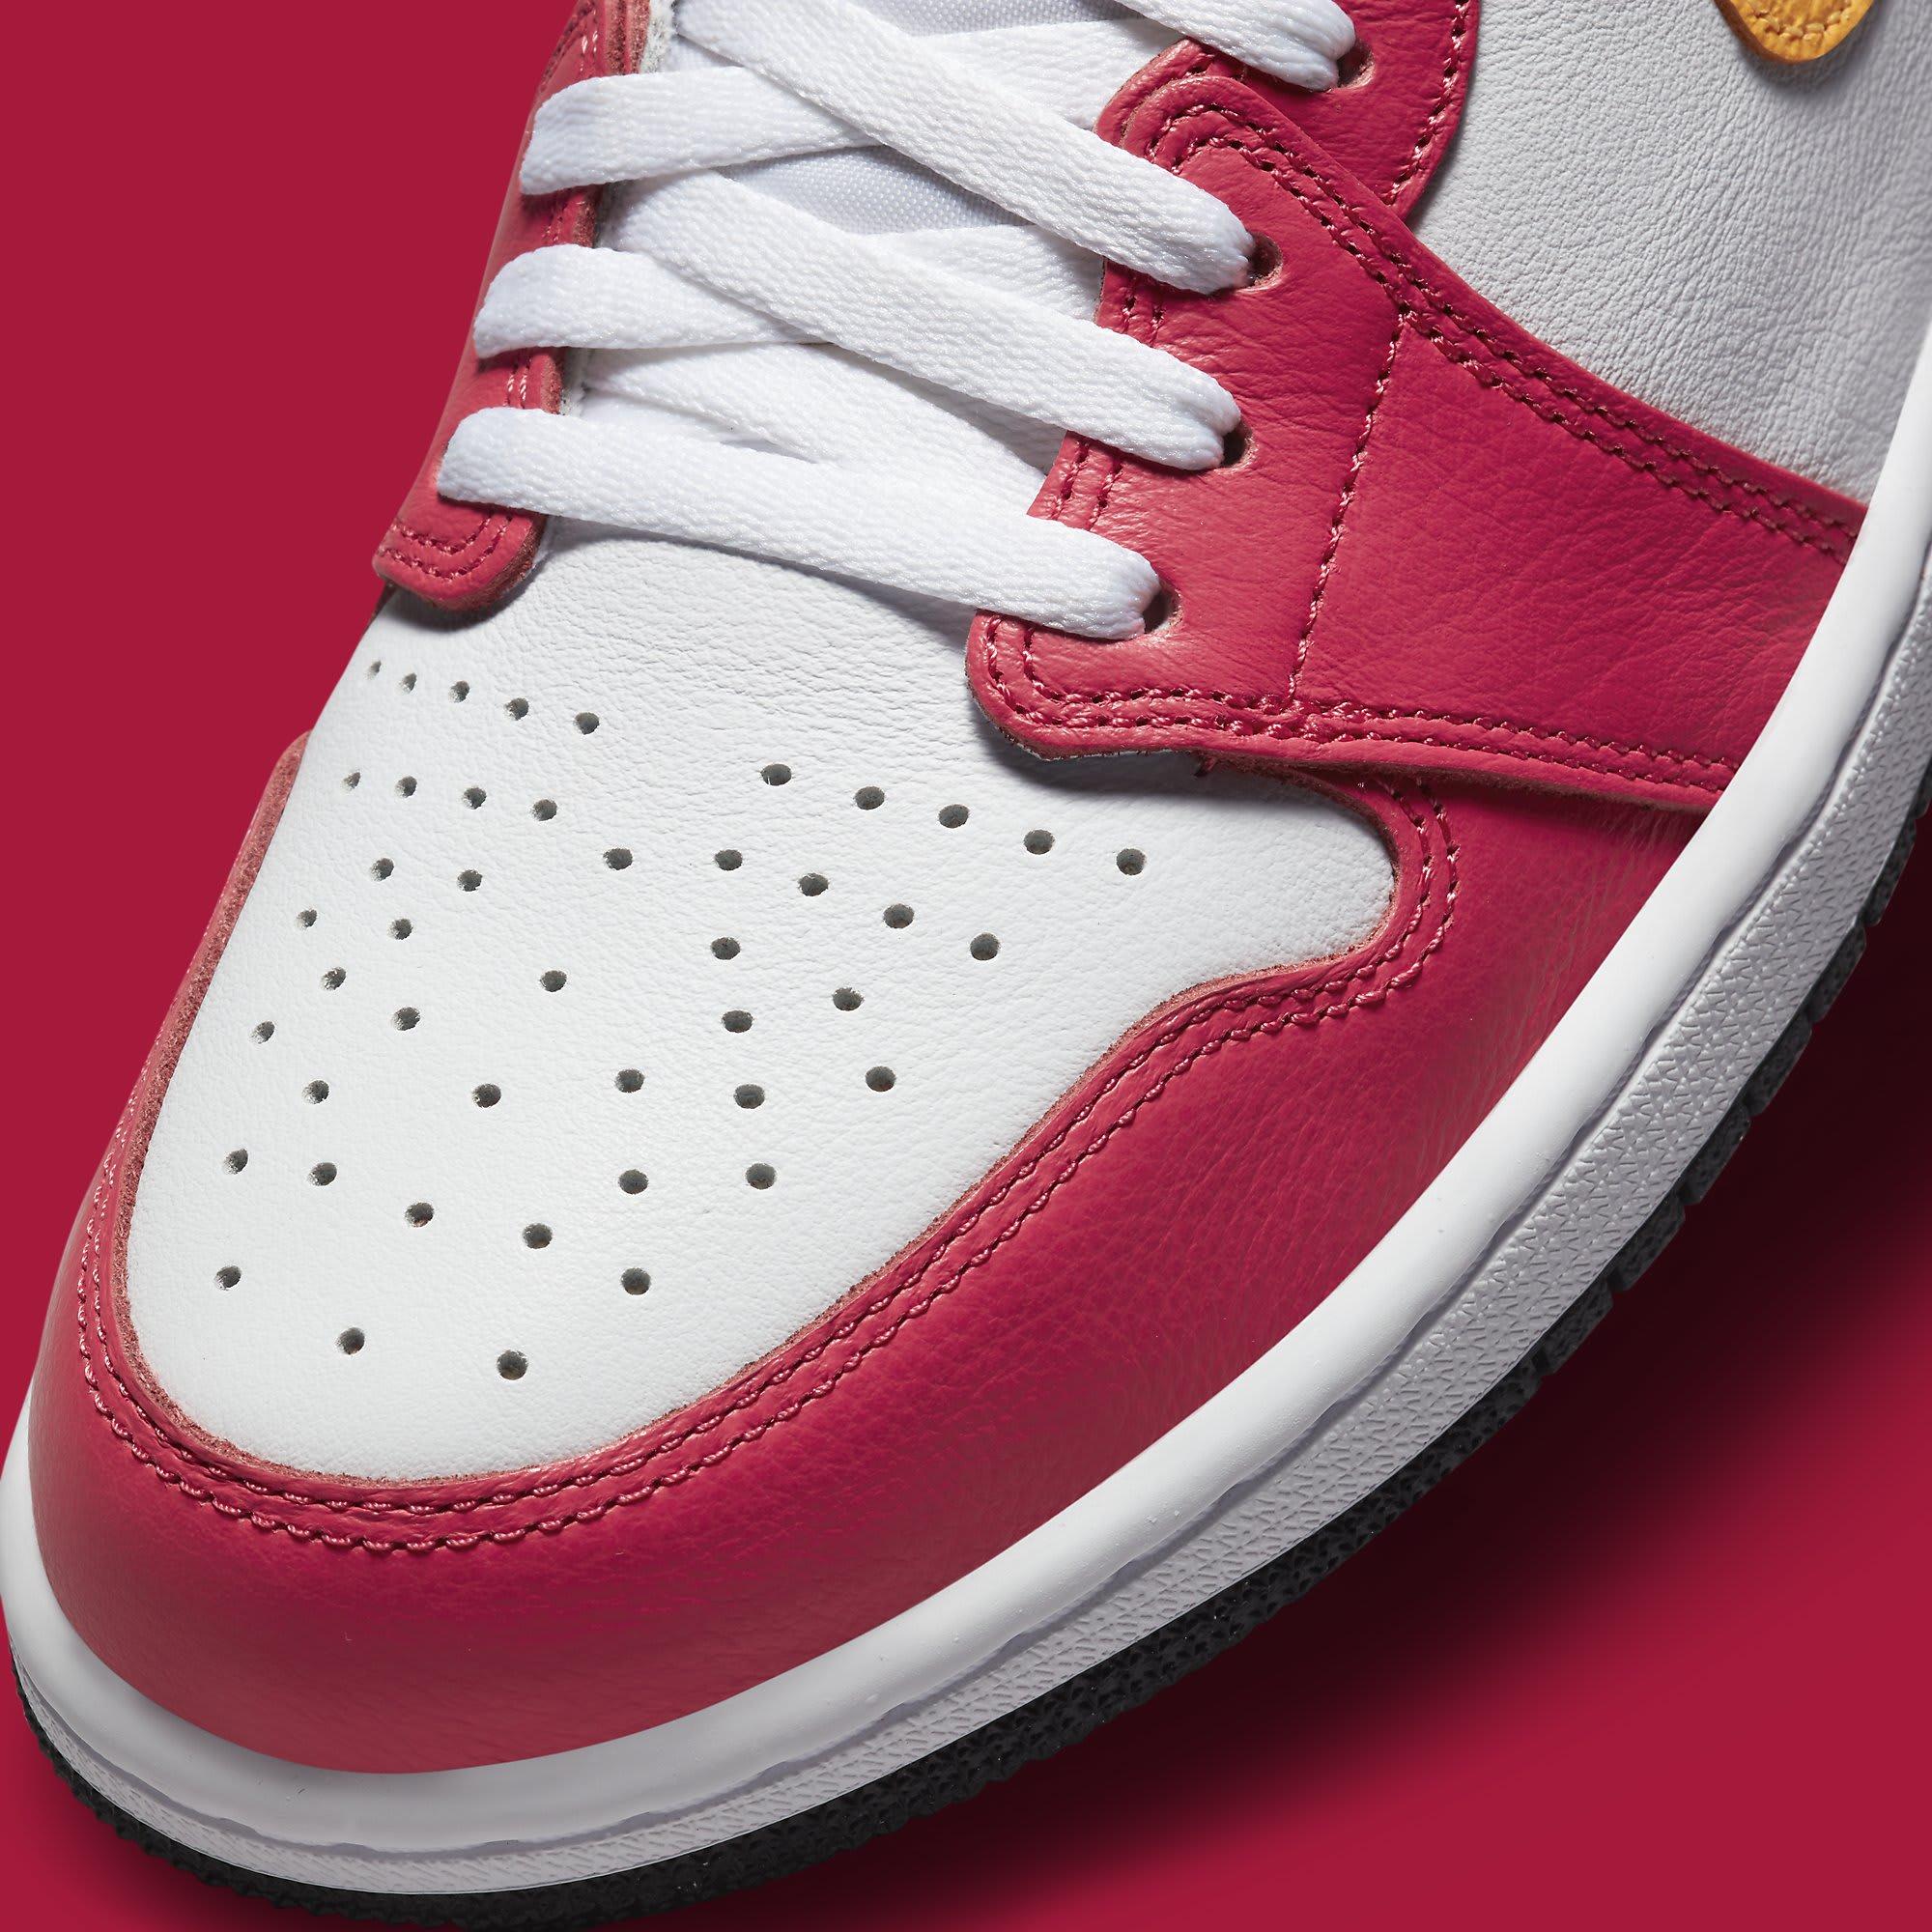 Air Jordan 1 Light Fusion Red Release Date 555088-603 Toe Detail